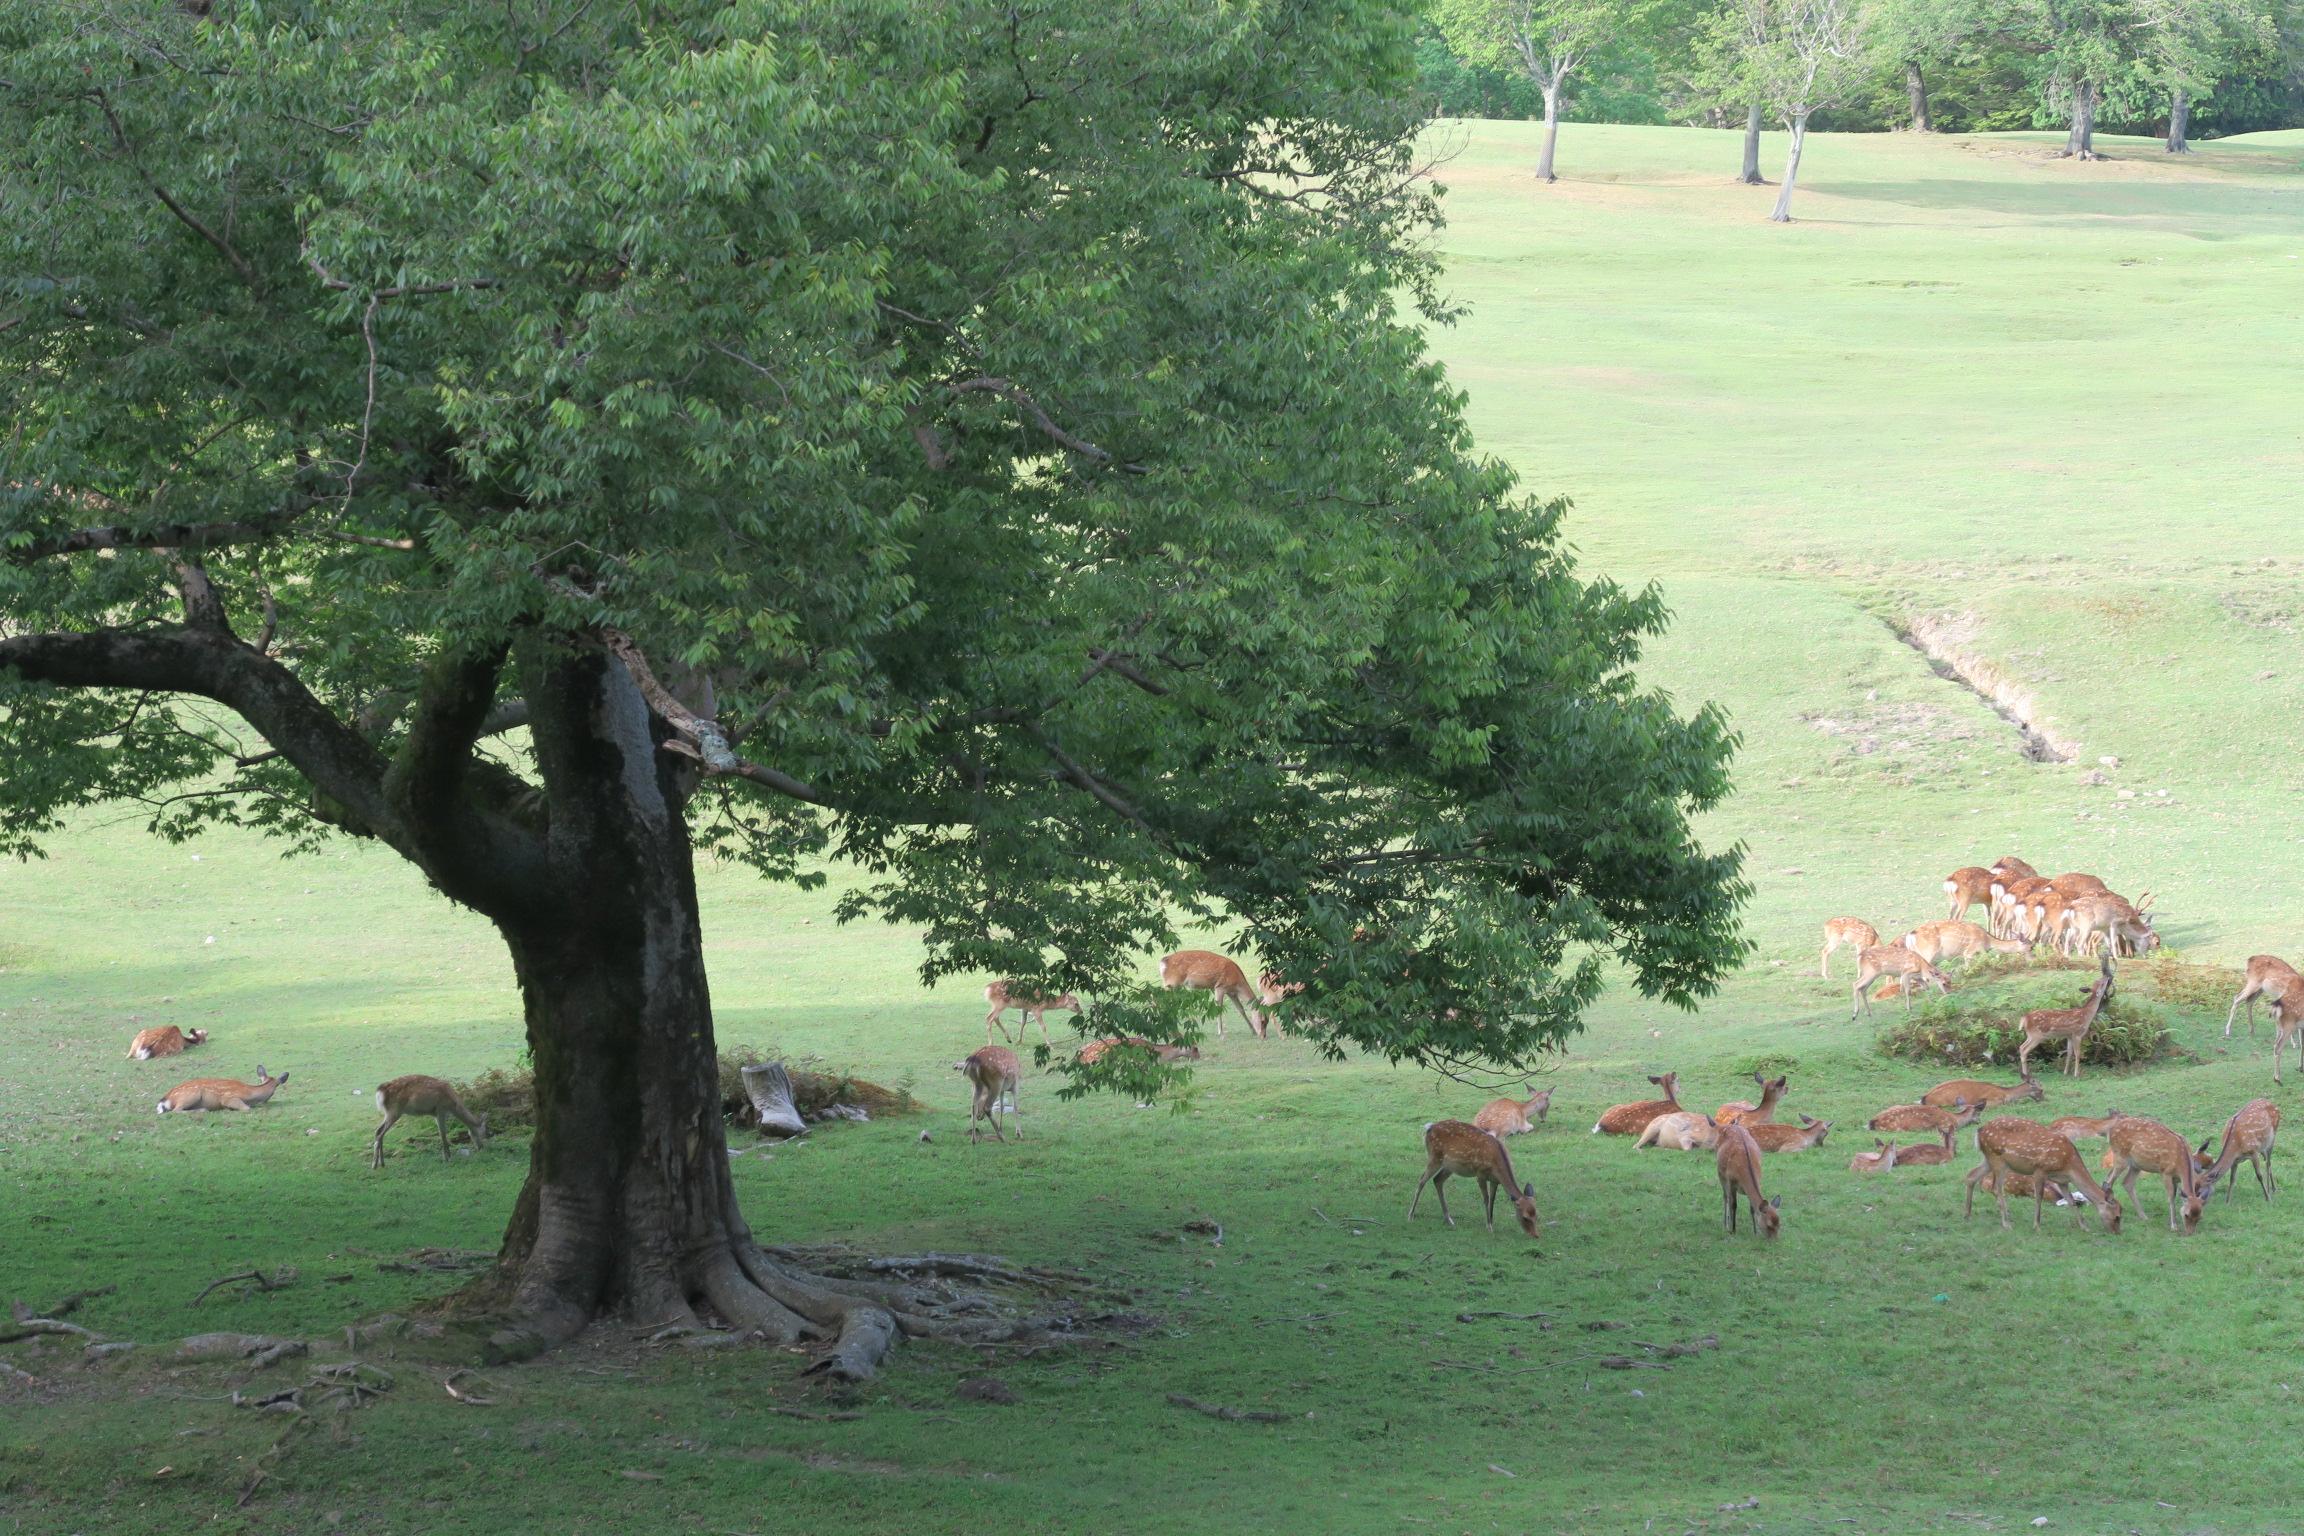 高畑観光駐車場から1分の所。 シカが木陰で草を食んでました。